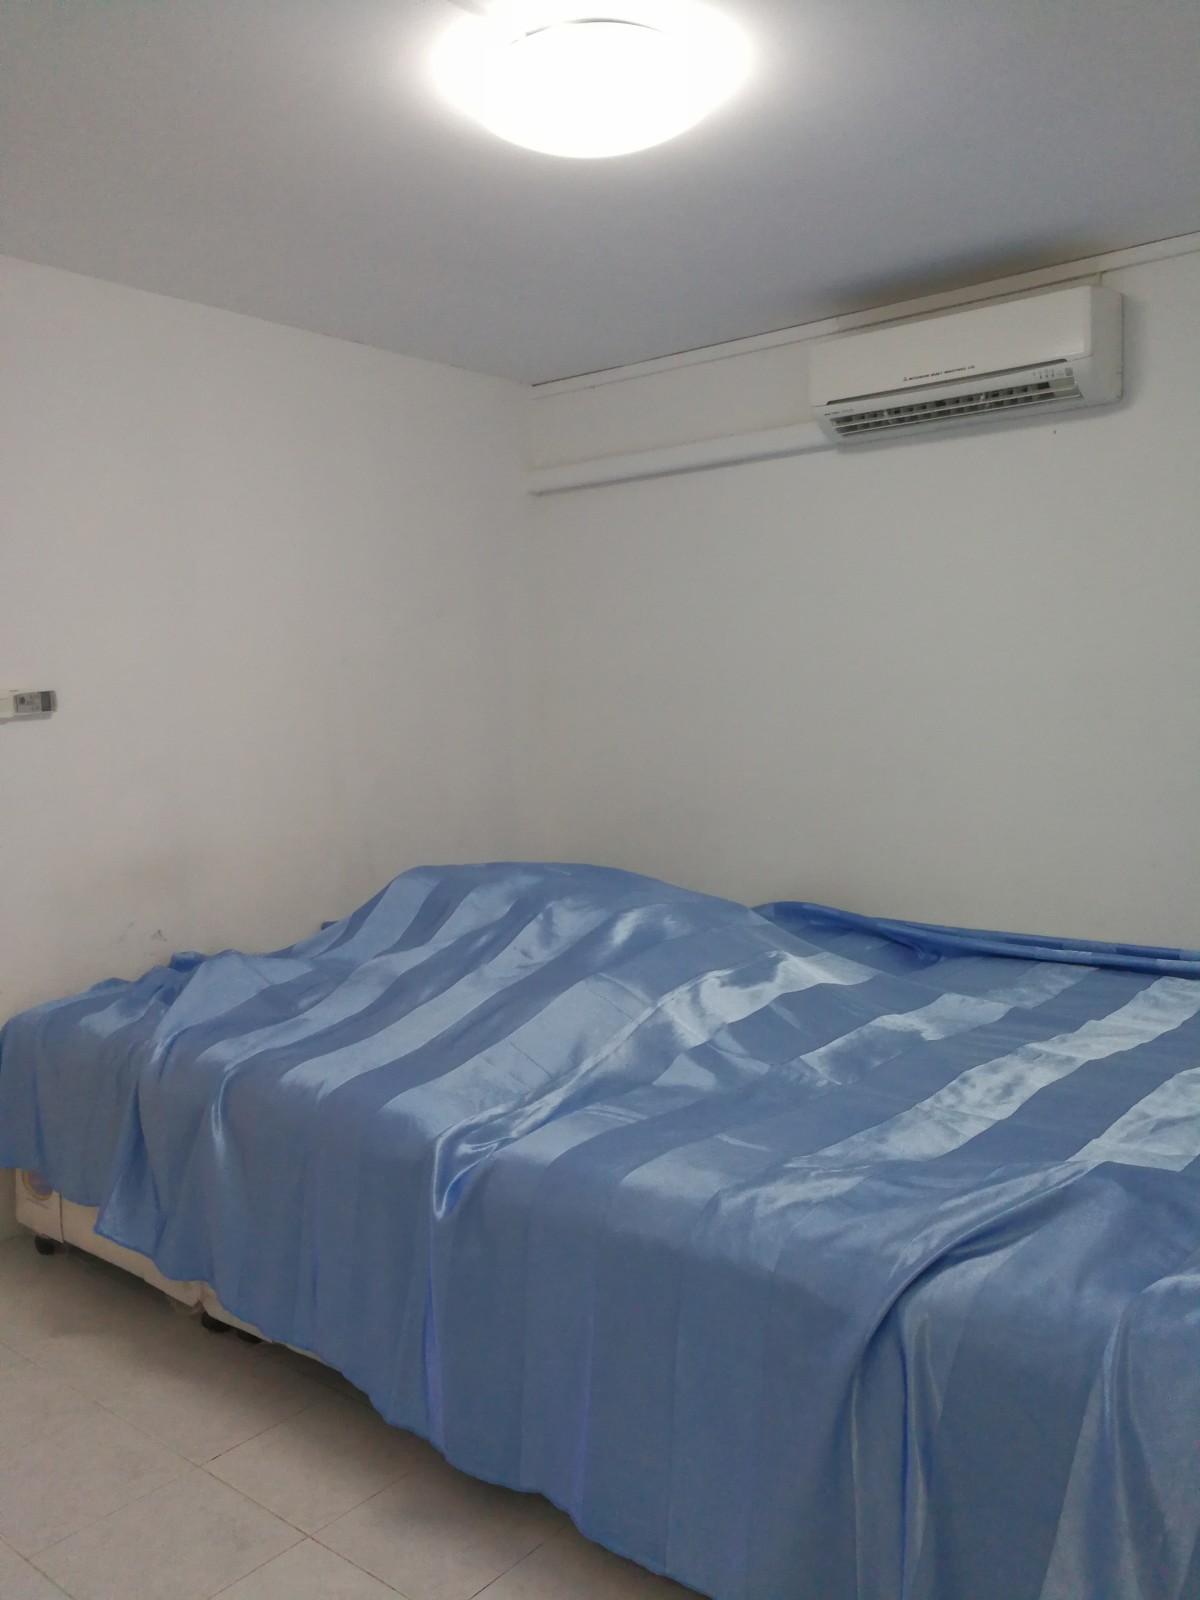 รูปของประกาศขายคอนโดเทเวศร์  แมนชั่น(1 ห้องนอน)(4)